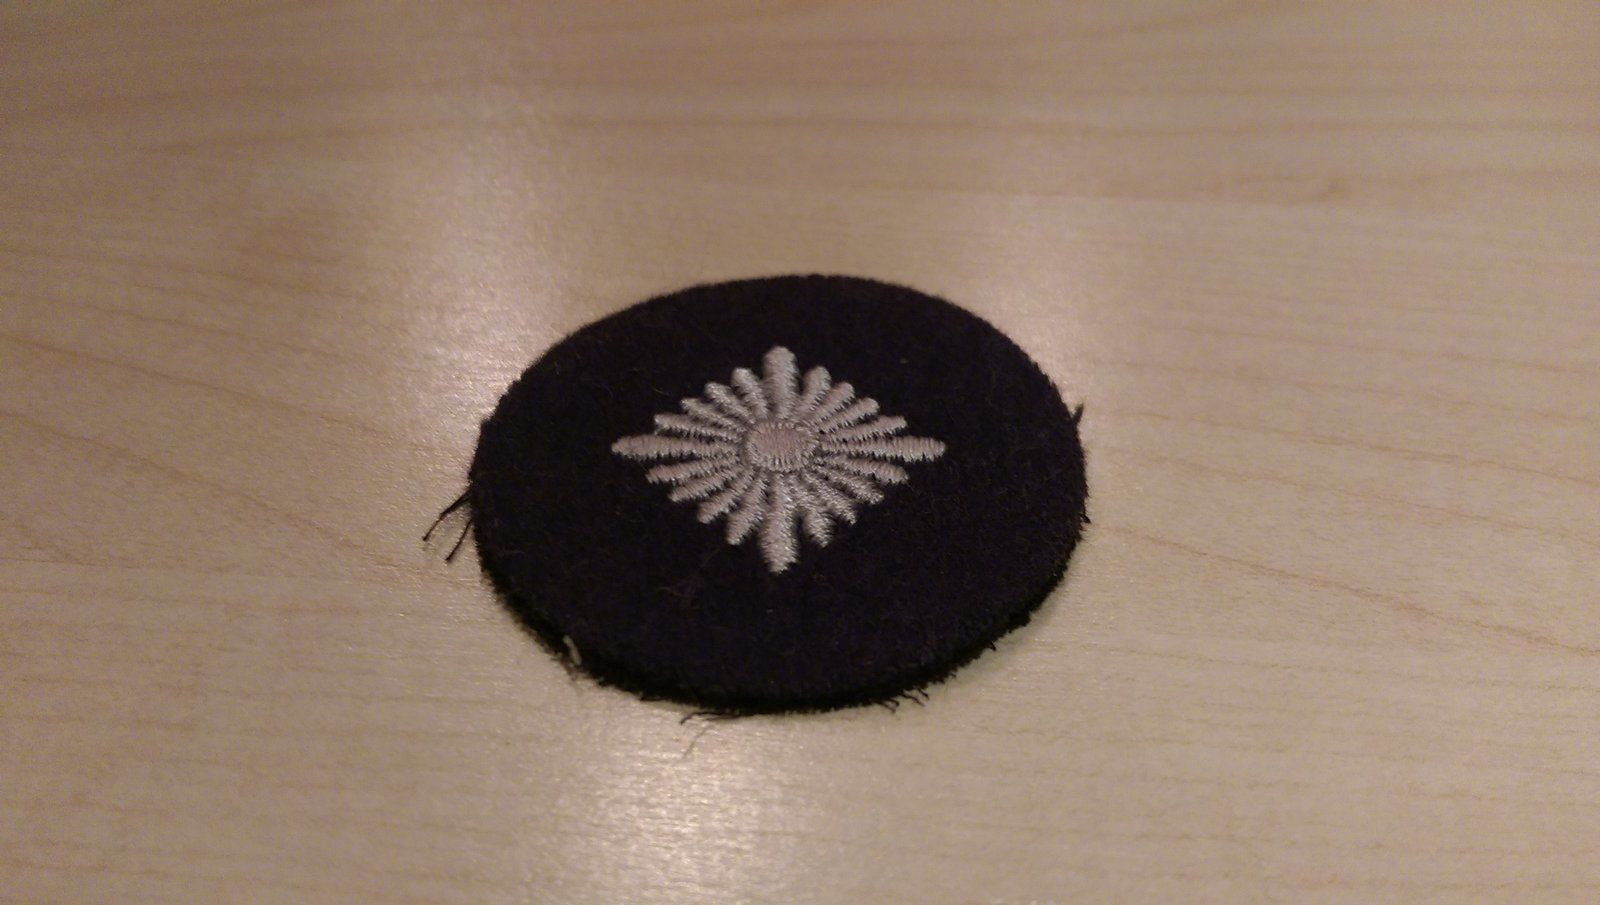 OA-Stern (Dienstgradstern für Offizieranwärter der Luftwaffe)